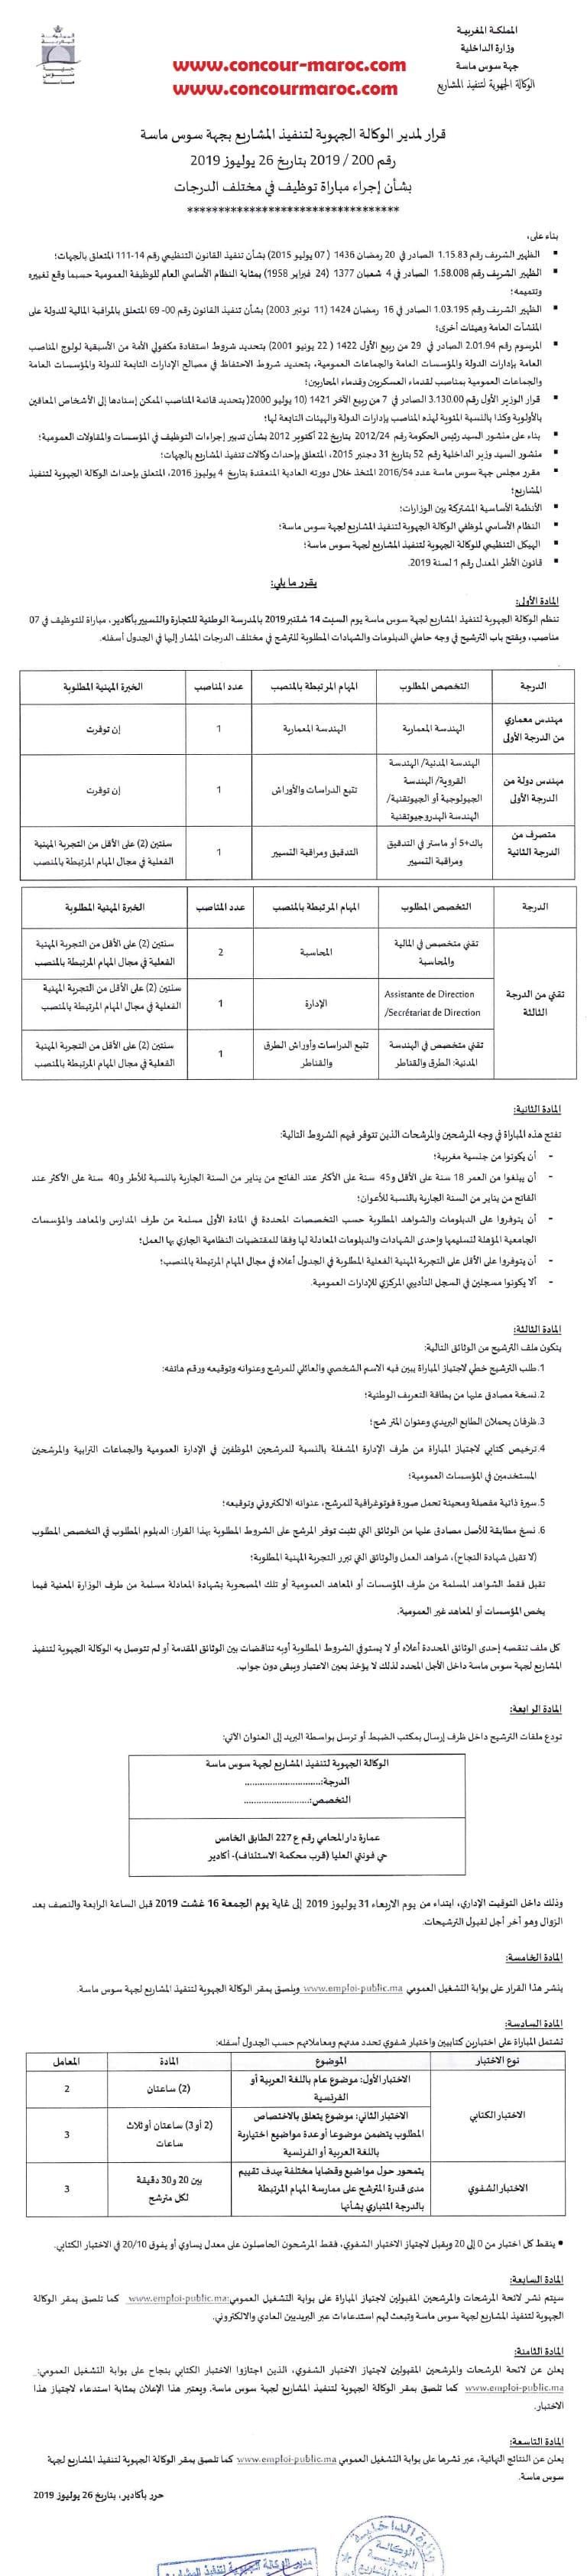 الوكالة الجهوية لتنفيذ المشاريع لجهة سوس ماسة : مباراة لتوظيف 07 مناصب في عدة درجات آخر أجل 16 غشت 2019 Concou81